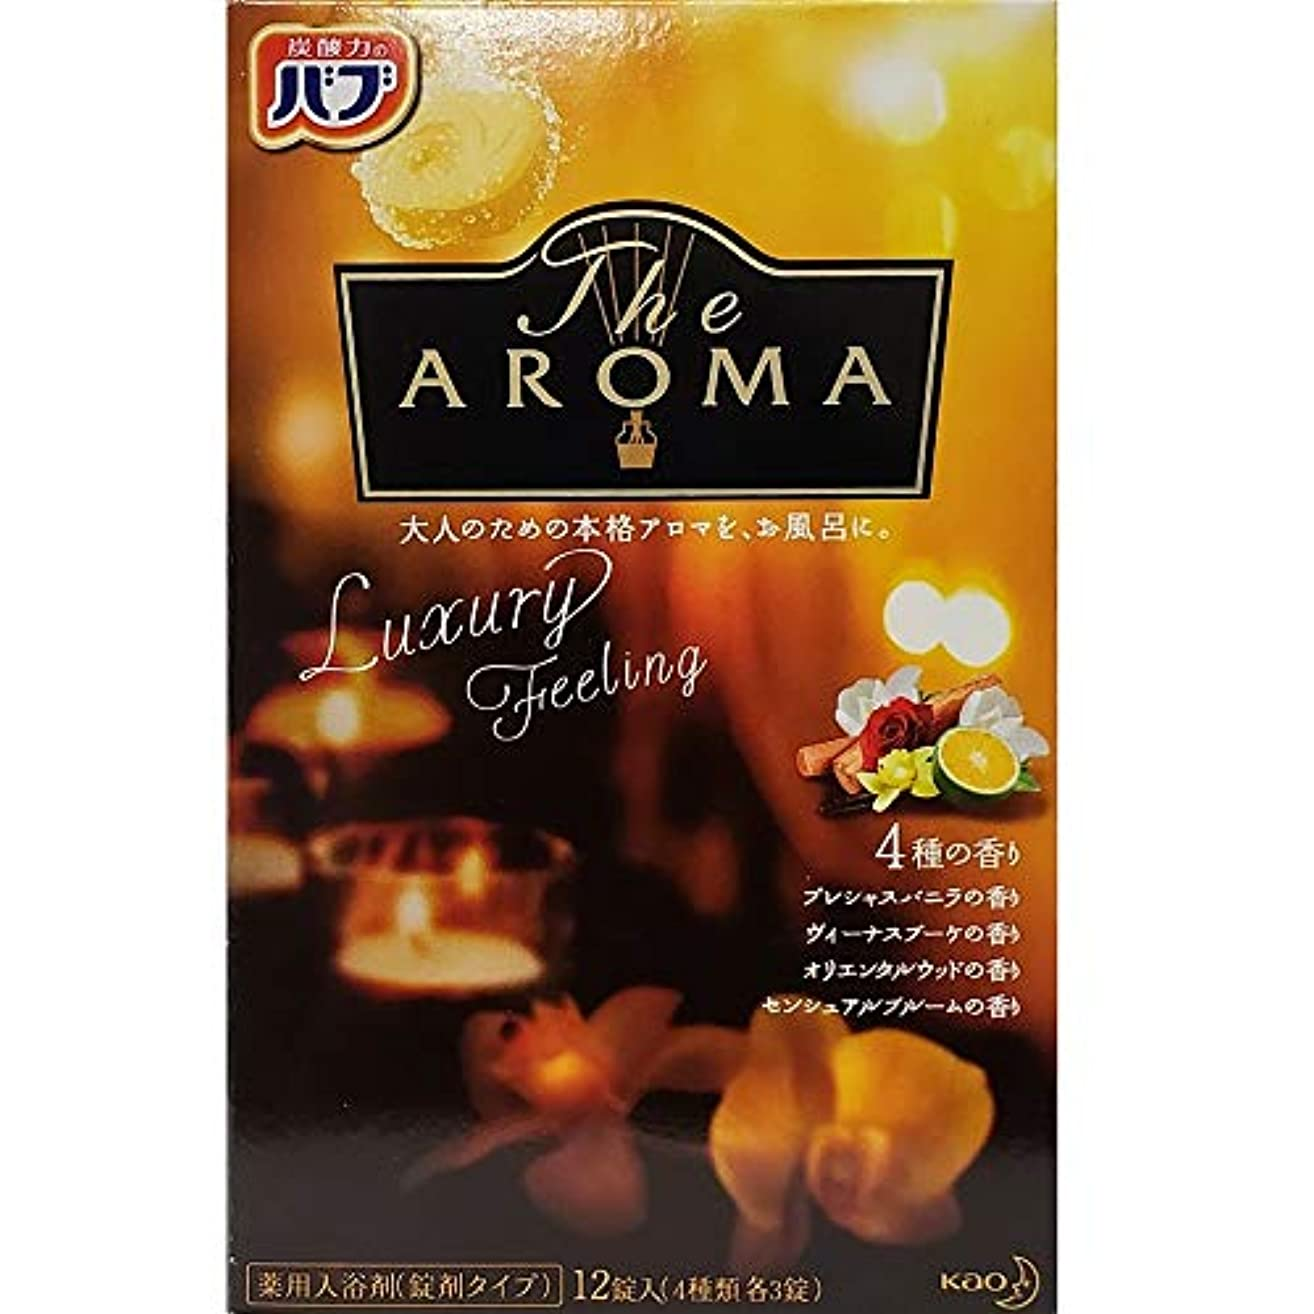 基礎連合トランスペアレントバブ The Aroma Luxury Feeling 40g×12錠(4種類 各3錠) 医薬部外品